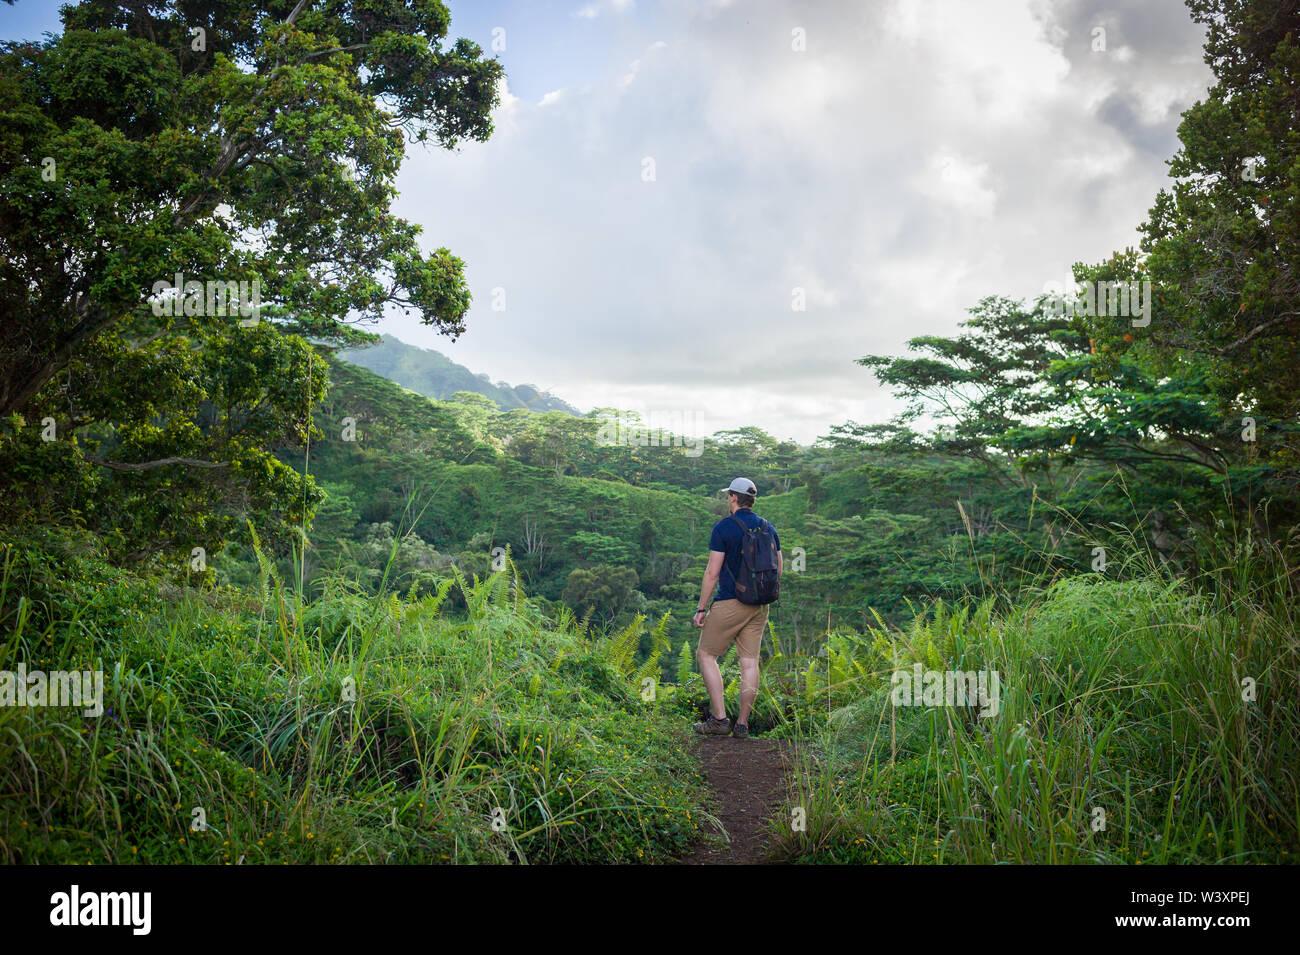 La Cresta Kuilau Trail offre agli escursionisti accesso alle foreste lussureggianti e splendide vedute delle montagne Makaleha e il Monte Waialeale. Foto Stock